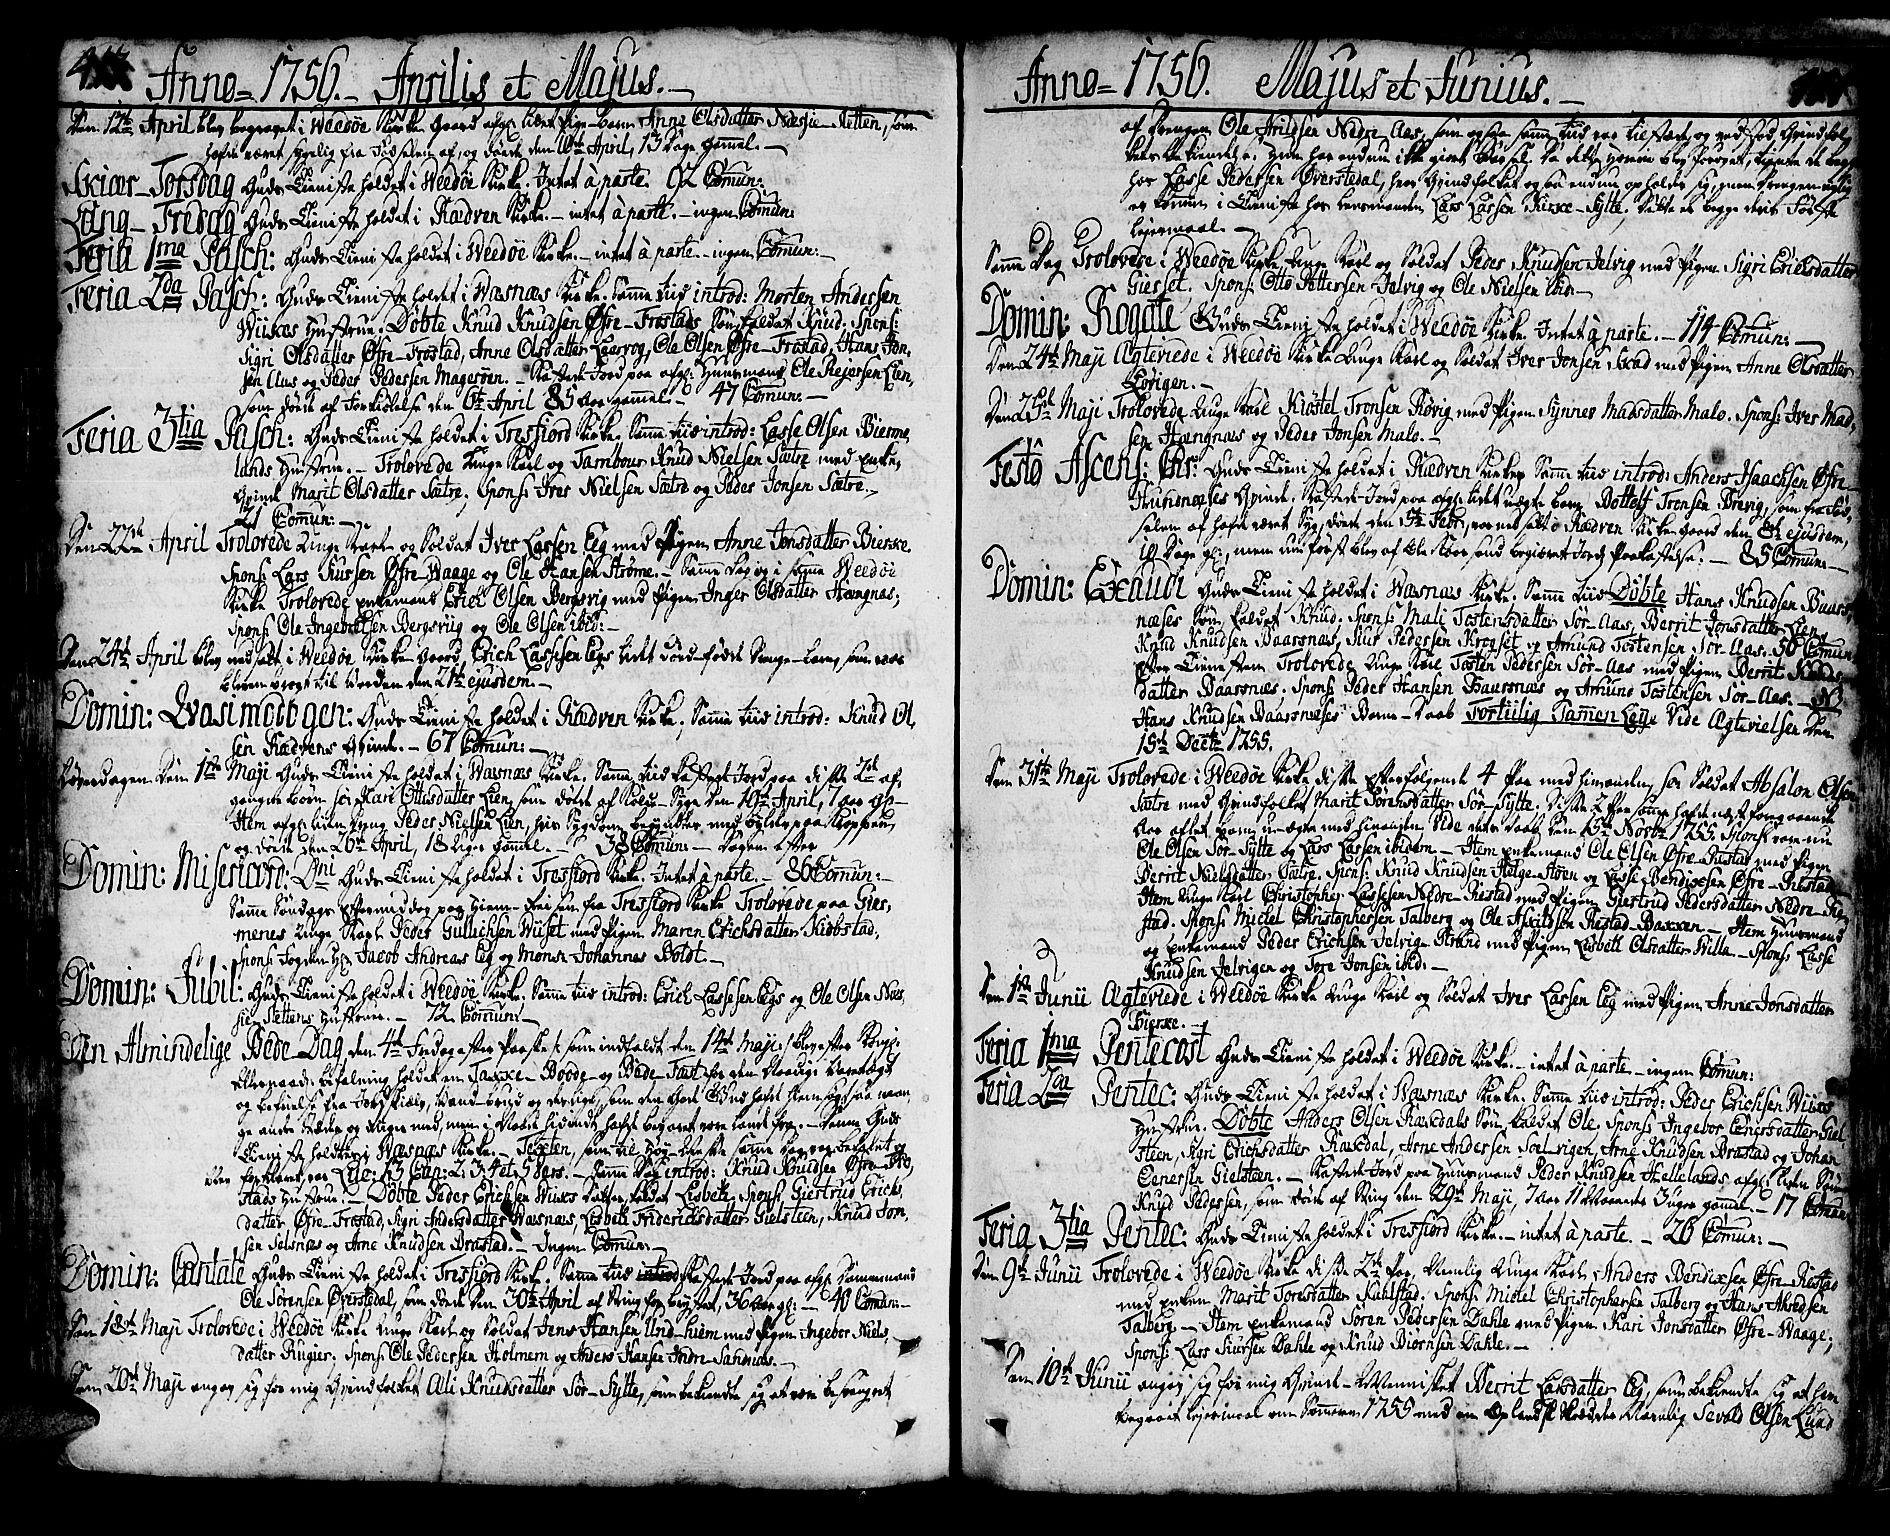 SAT, Ministerialprotokoller, klokkerbøker og fødselsregistre - Møre og Romsdal, 547/L0599: Ministerialbok nr. 547A01, 1721-1764, s. 413-414